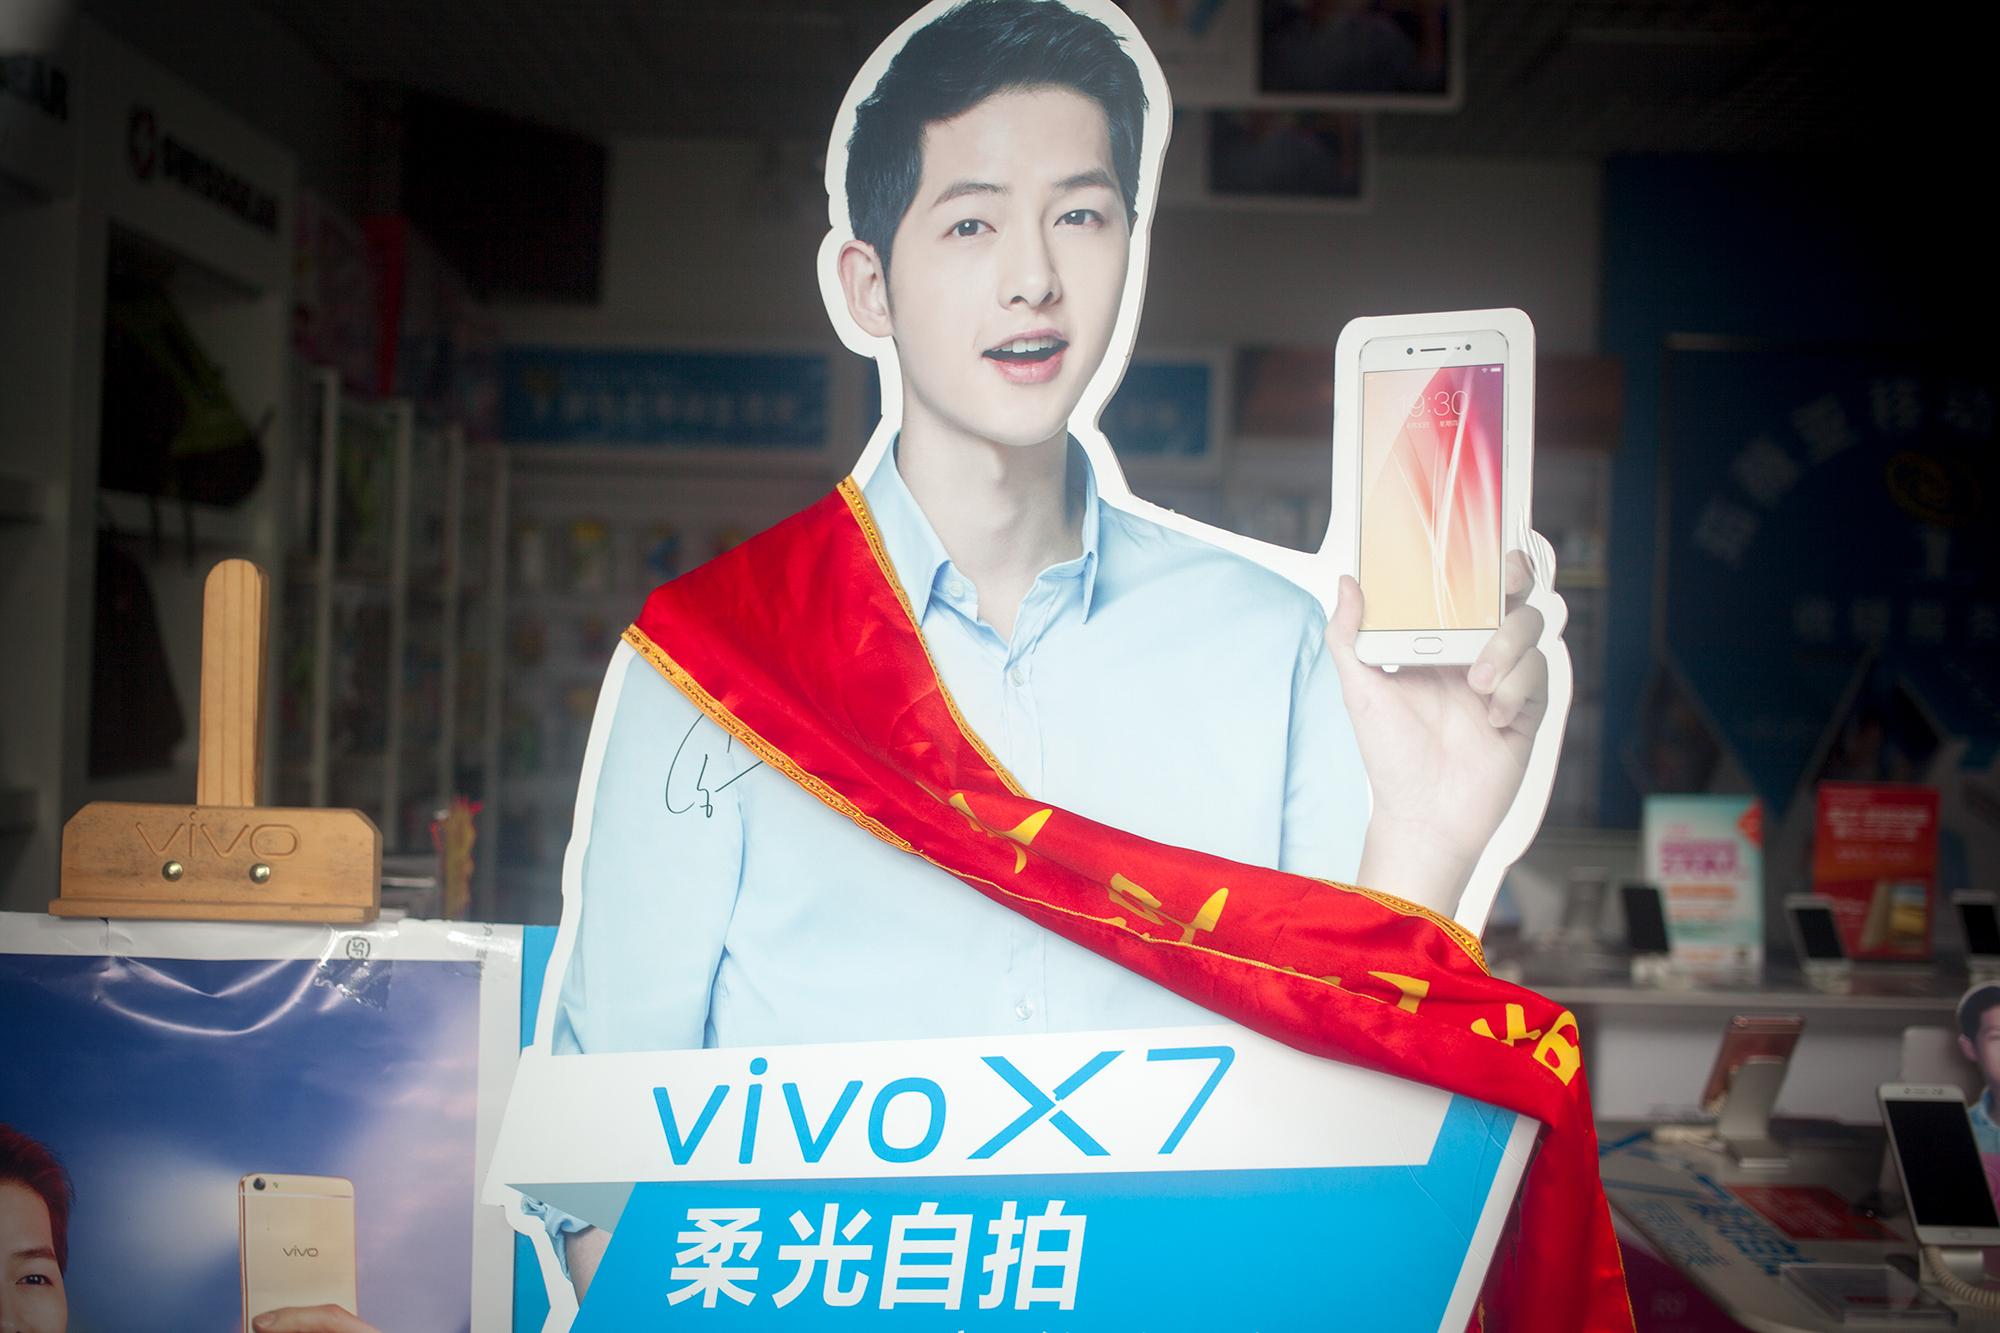 A cellphone advertisement at a shop inside a Foxconn complex, Shenzhen, China, 2016.